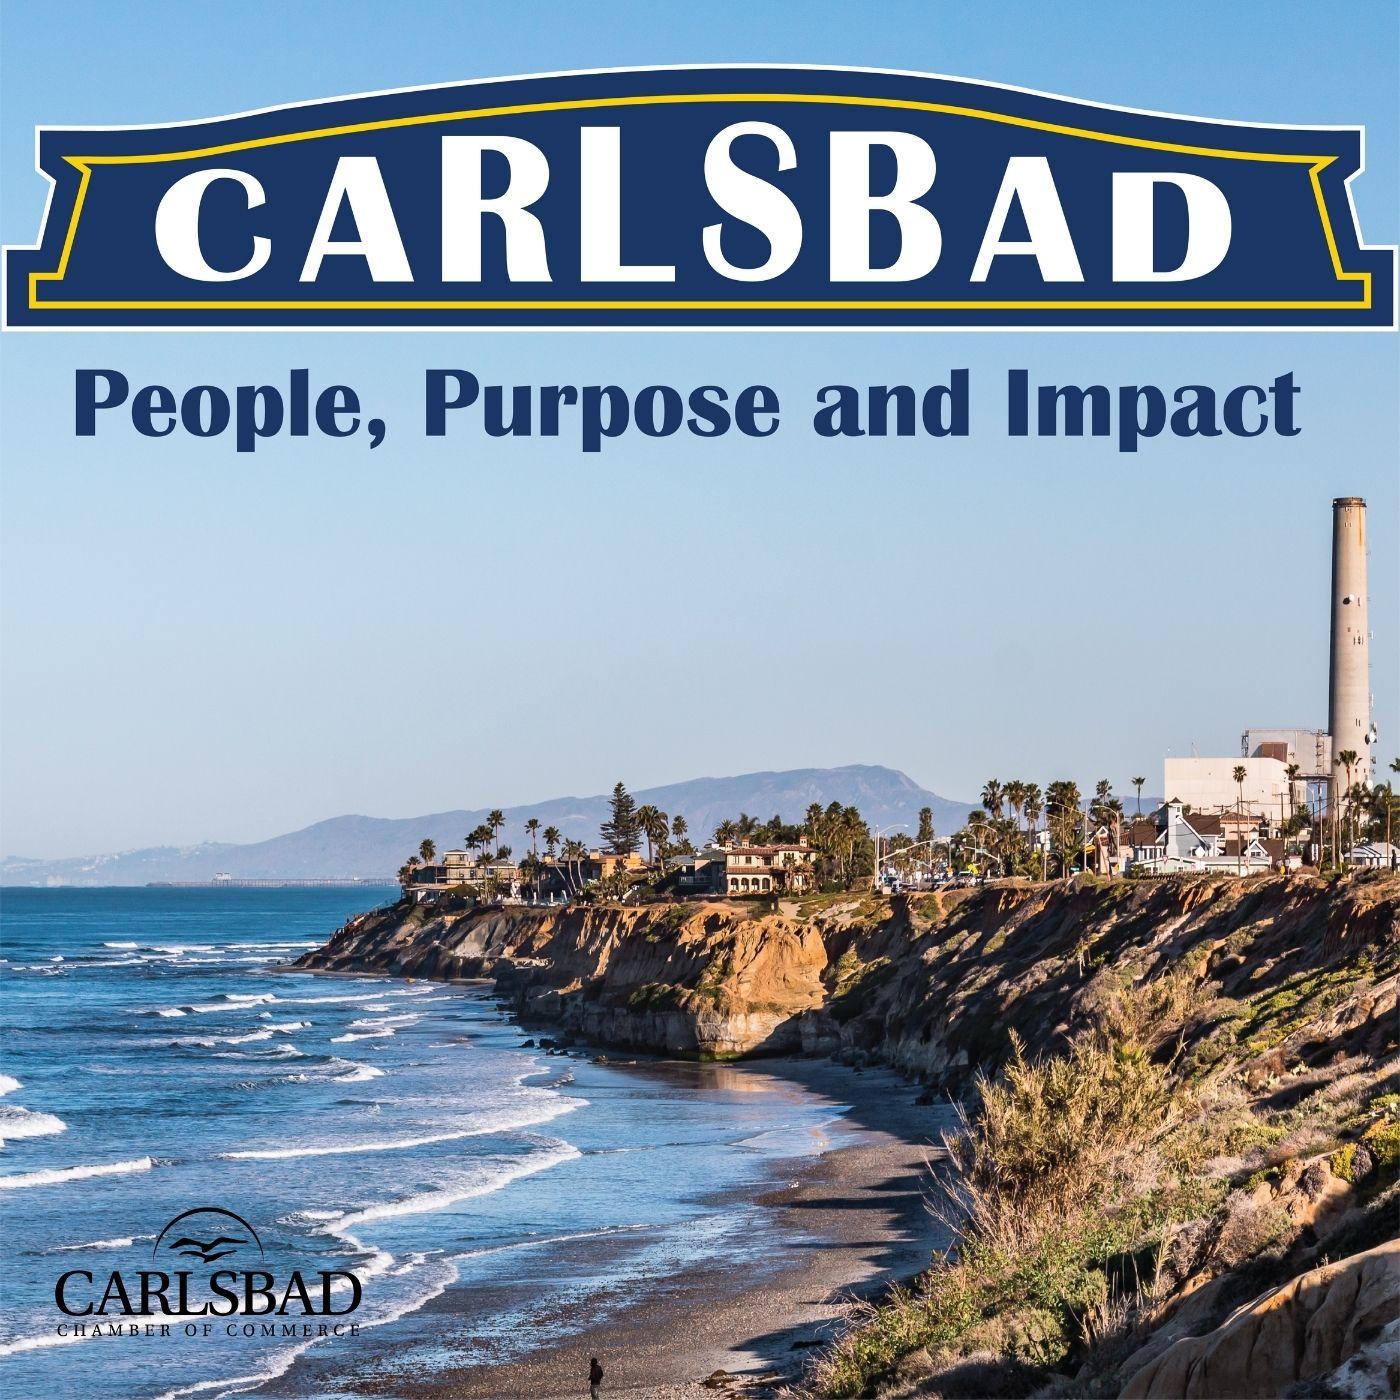 Carlsbad: People, Purpose and Impact album artwork